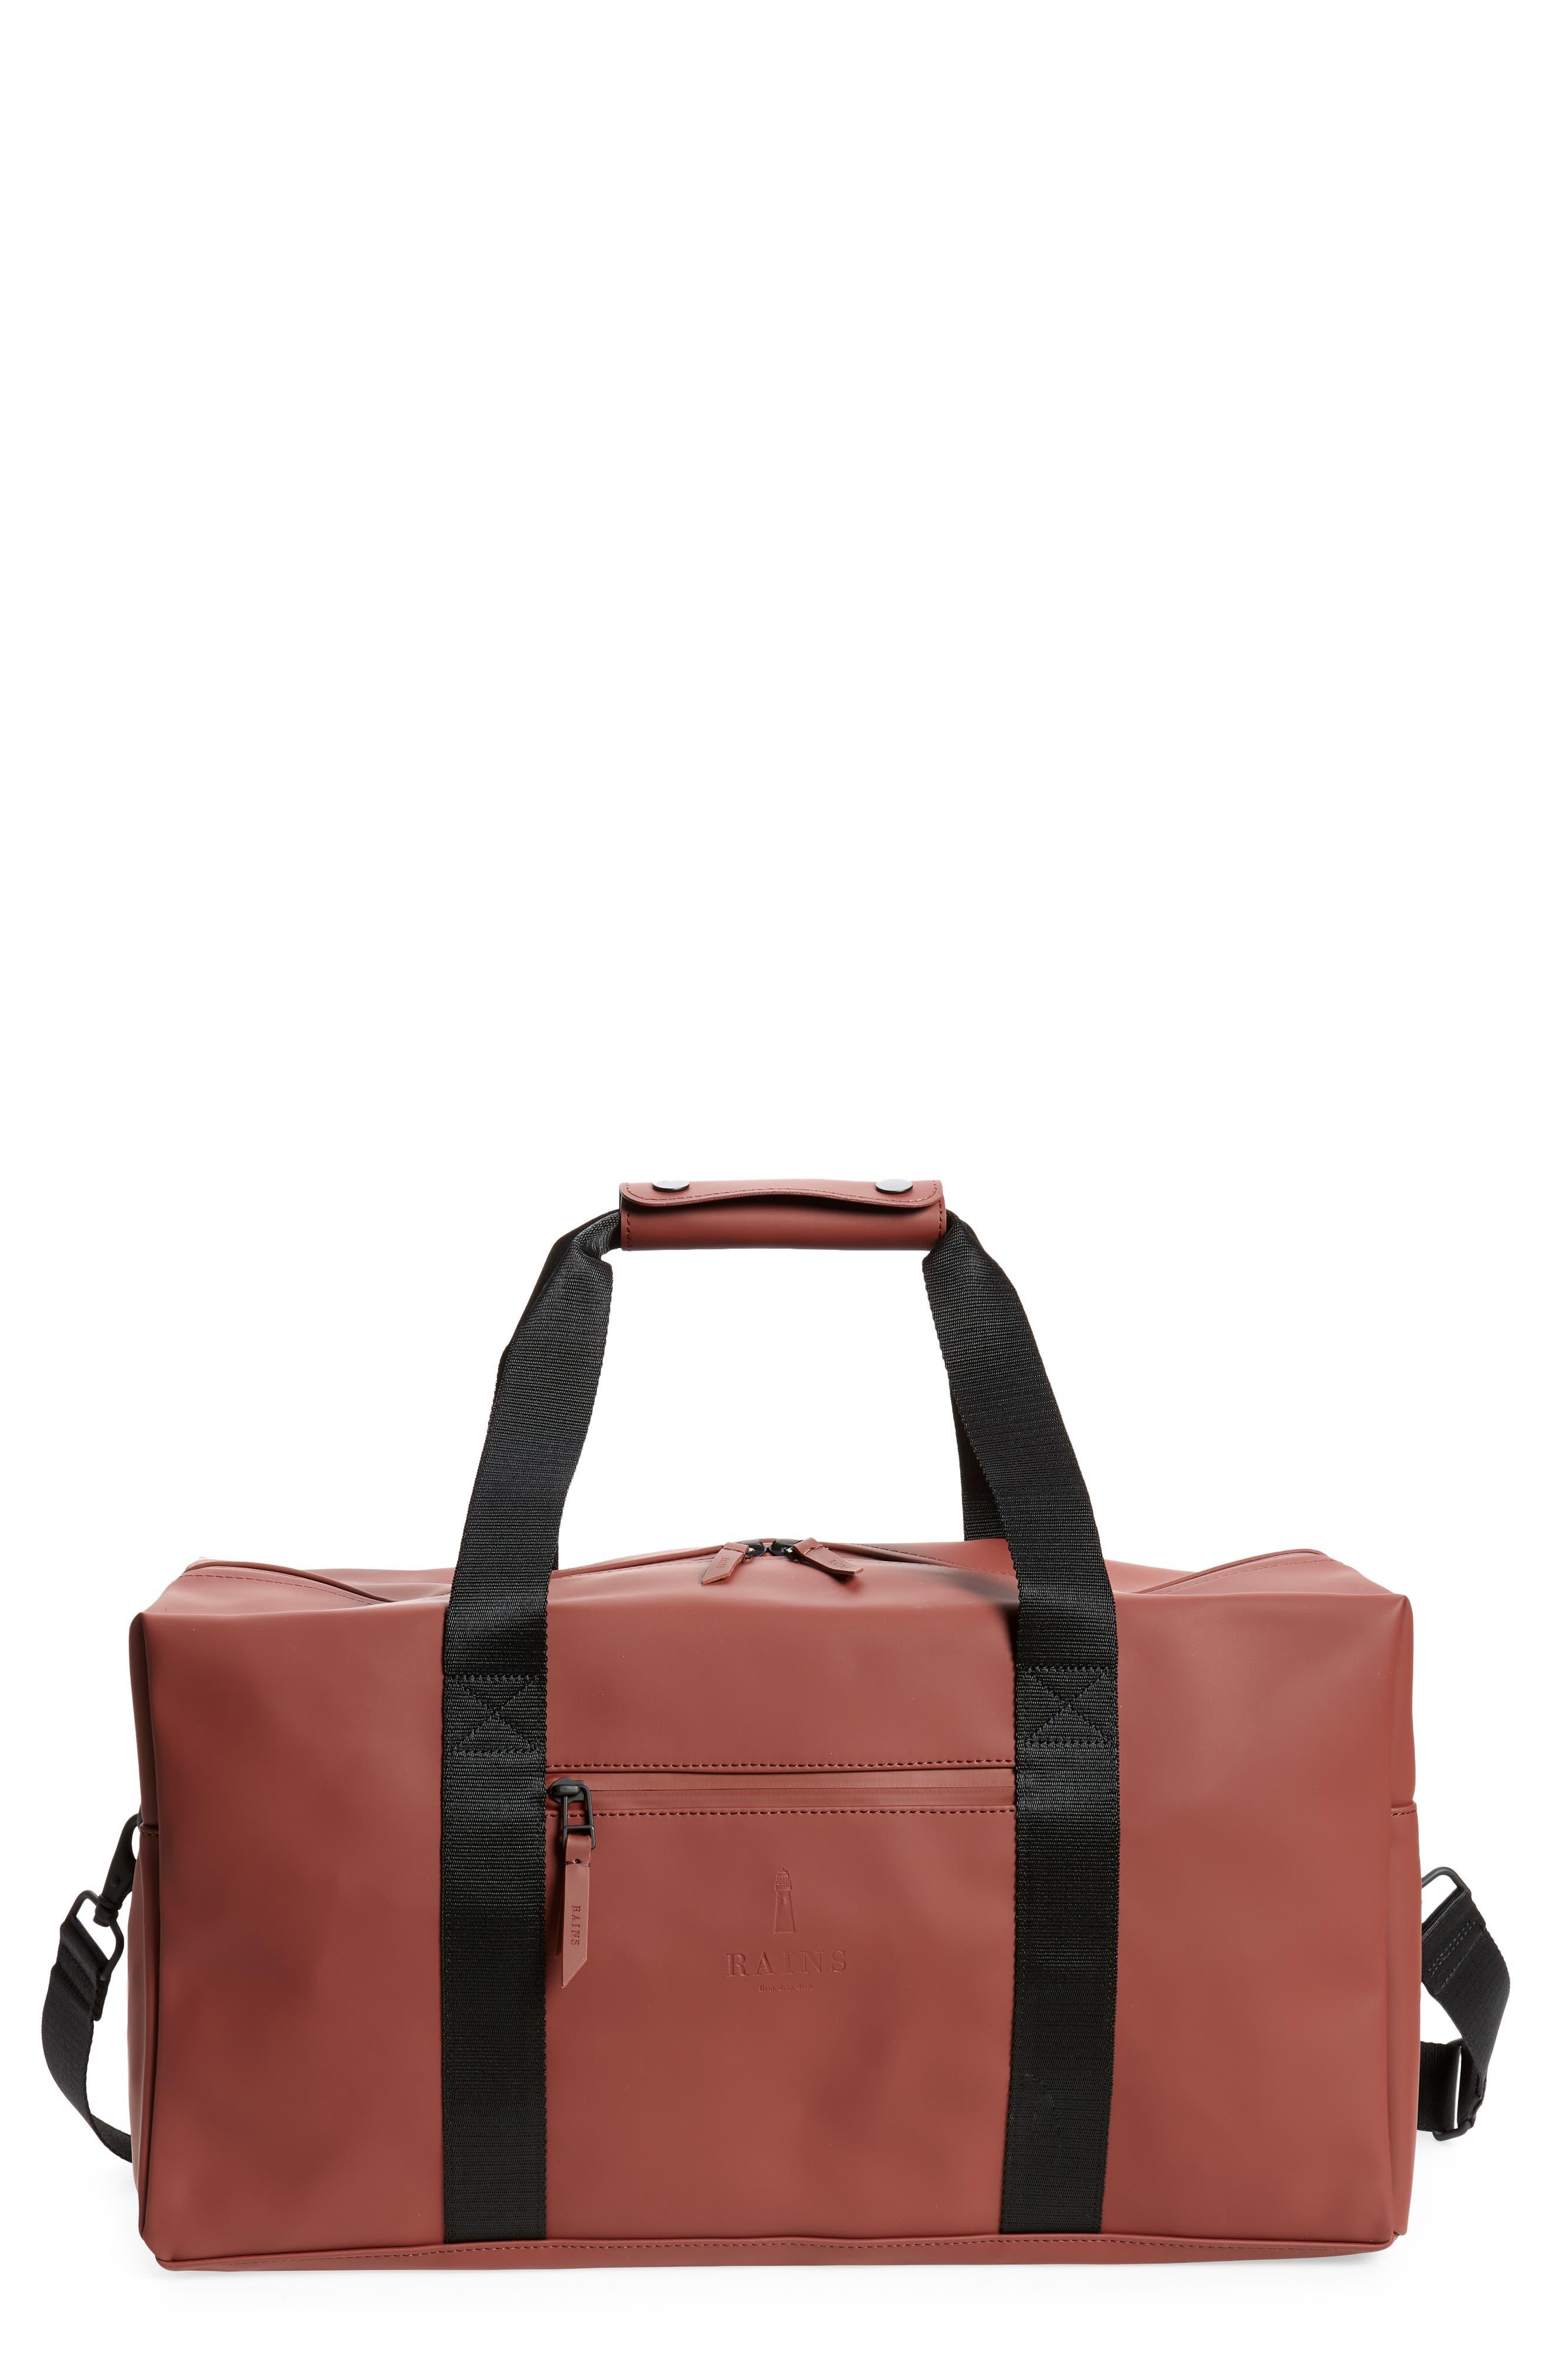 Rains Waterproof Gym Bag - Red